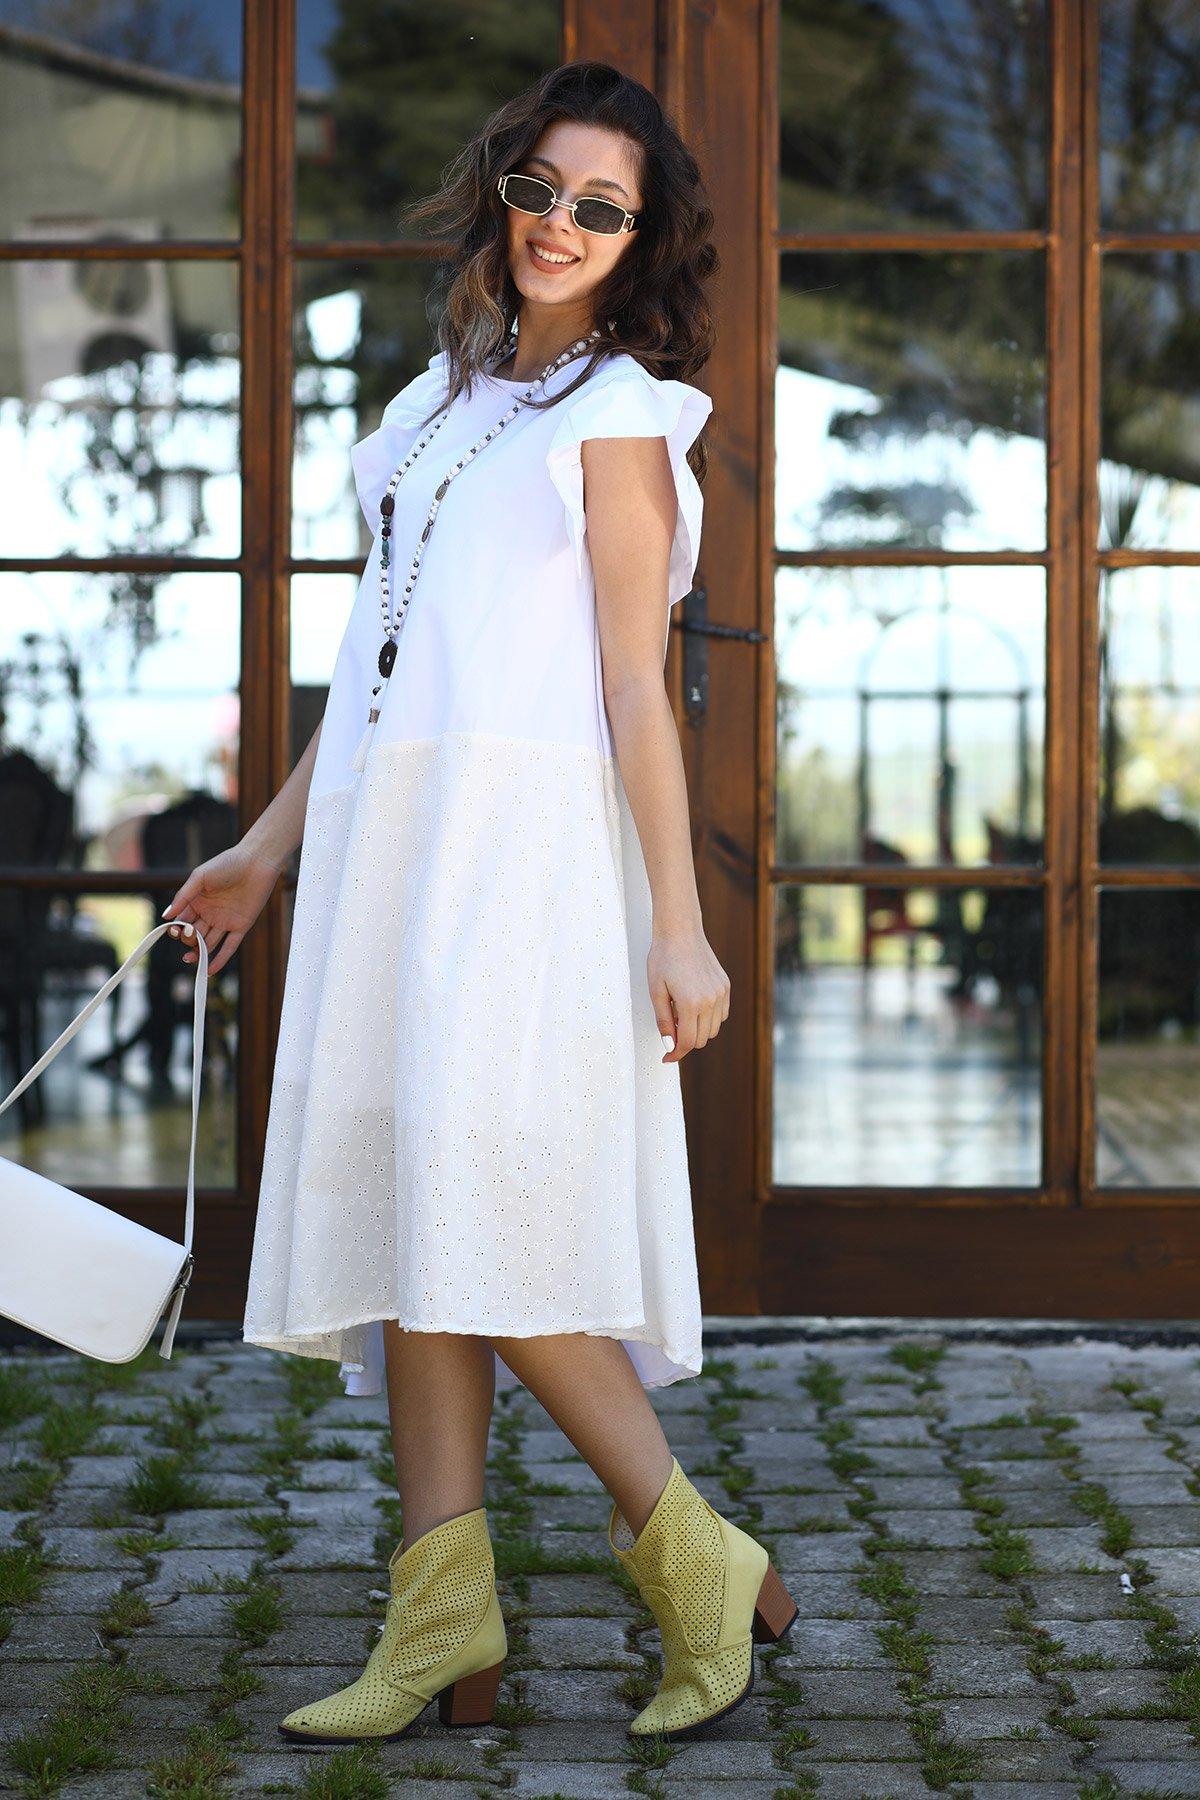 Dantel Detaylı Kol Fırfırlı Elbise